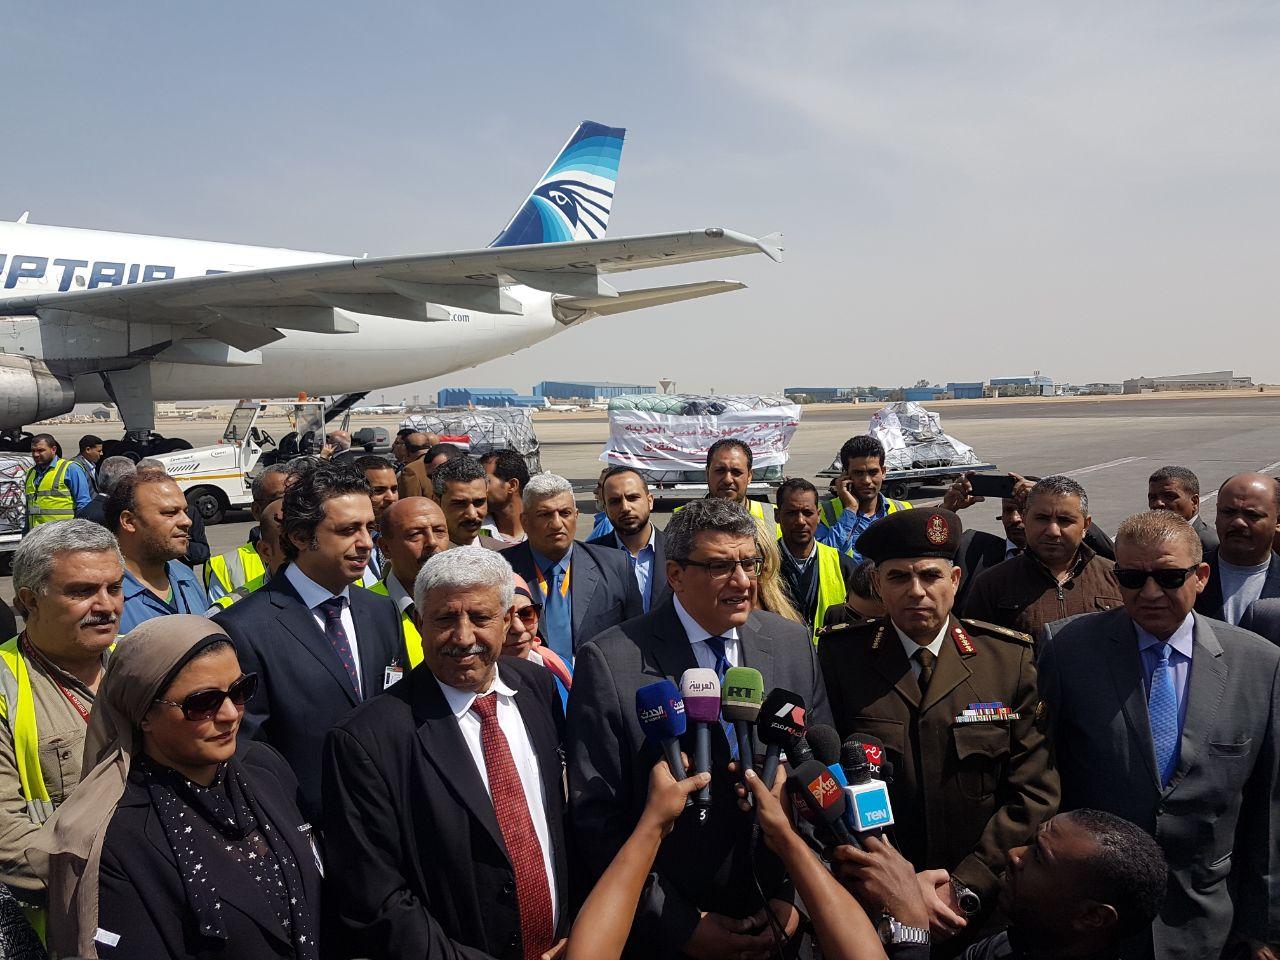 السفير محمد البدرى خلال الاستعداد لسفر أول شحنة من المساعدات